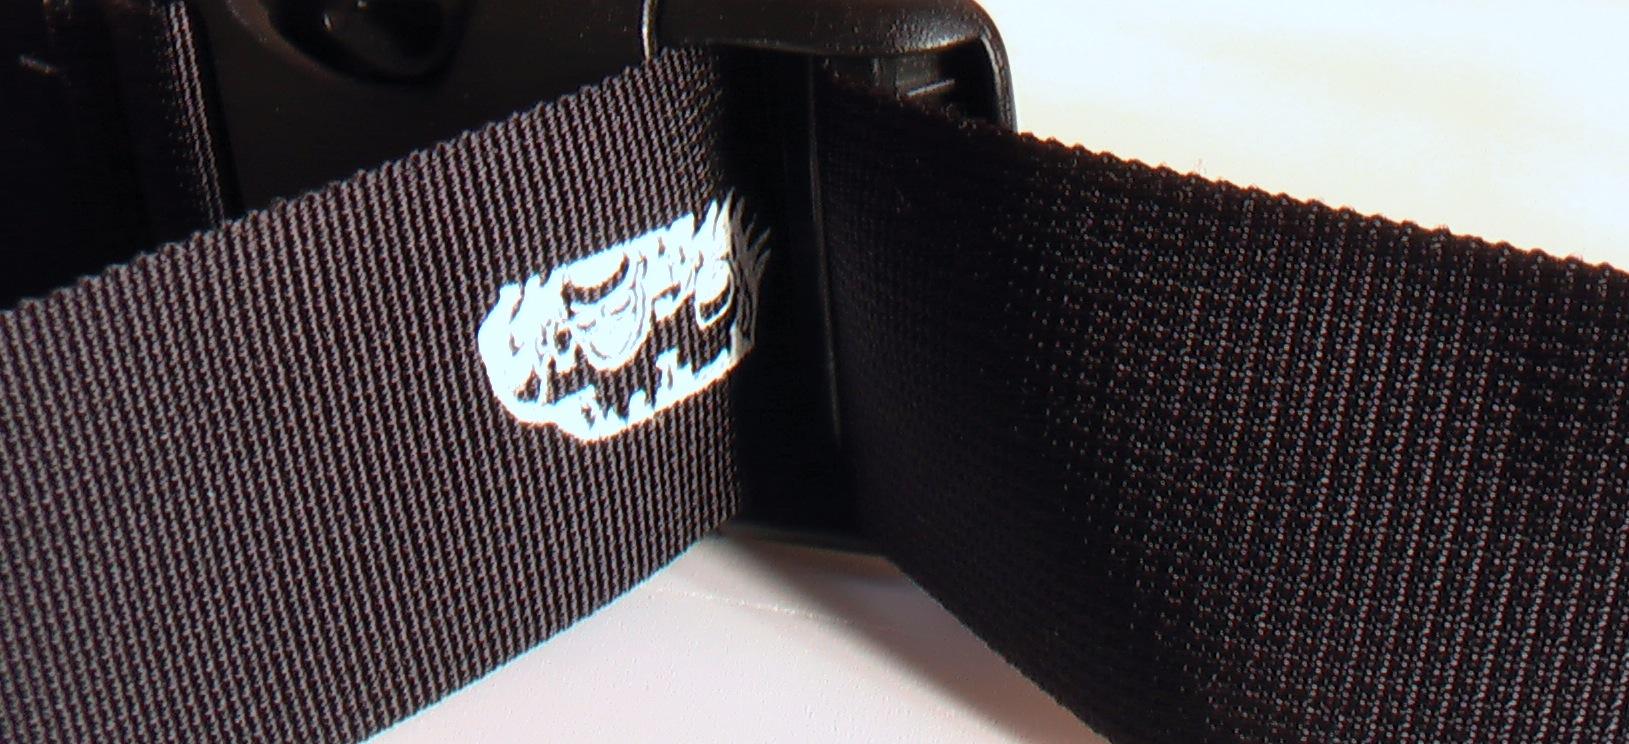 hidden crouching rollerman inside the belt